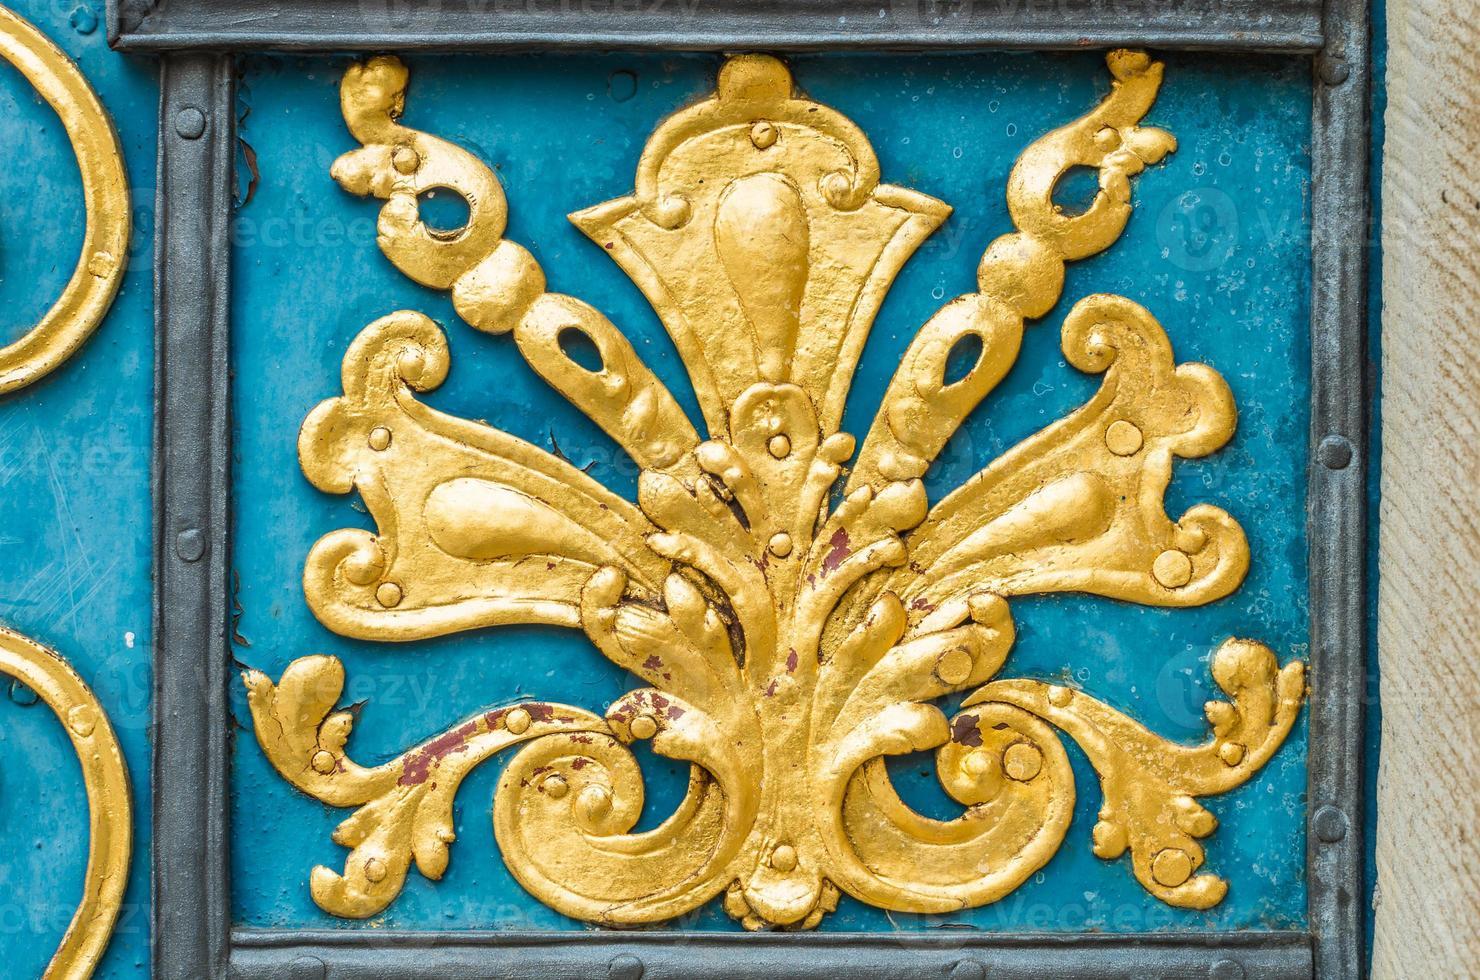 Détail de la porte bleue décorée de parures dorées photo